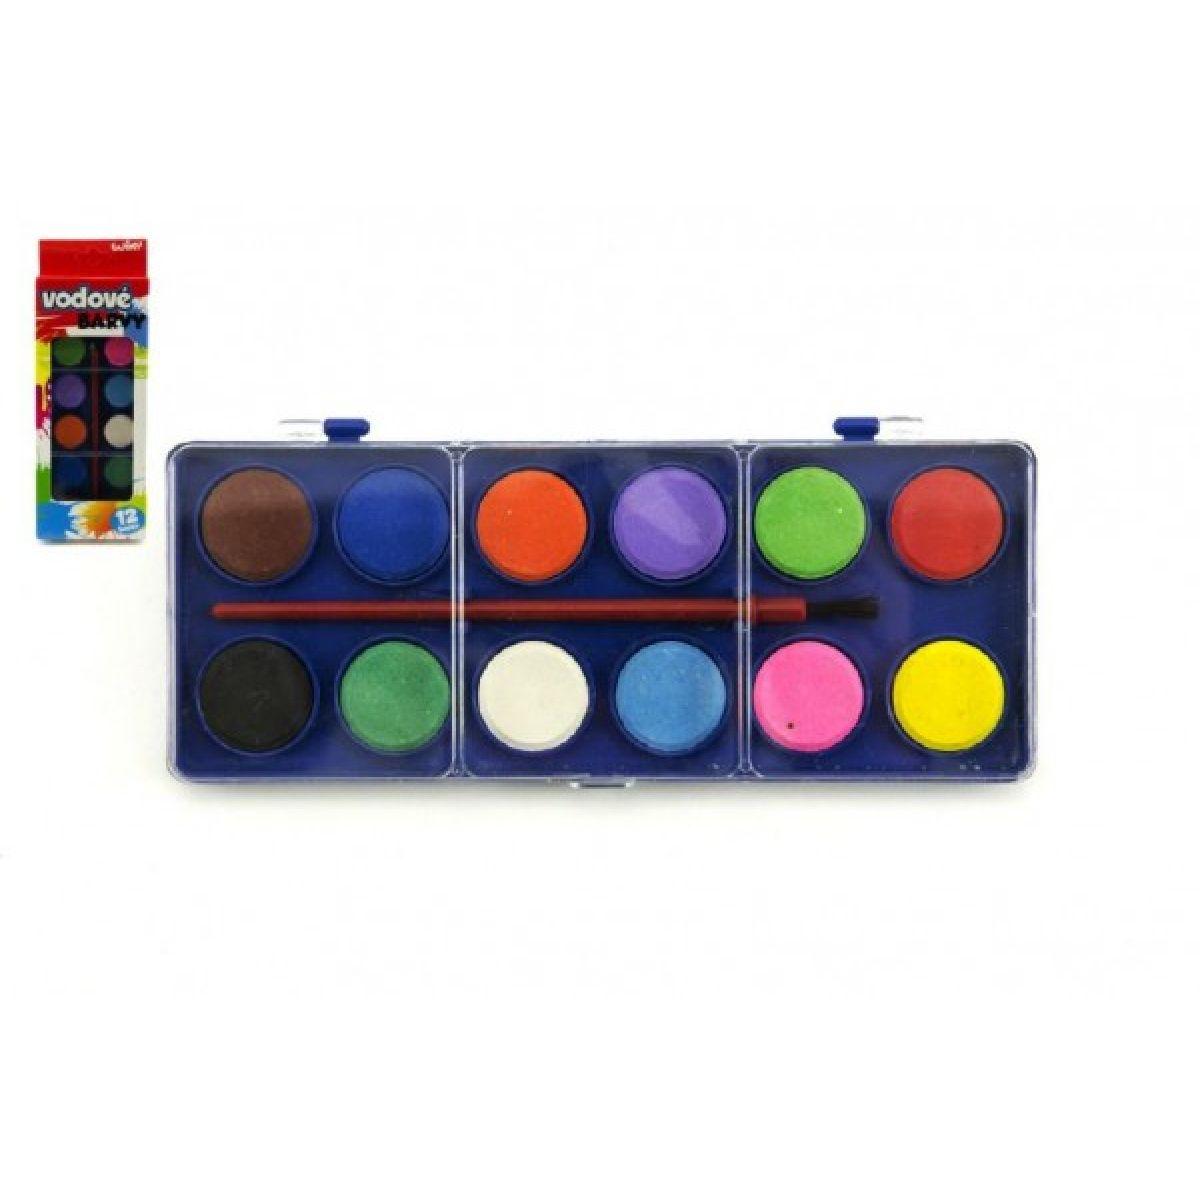 Wiky Vodové farby 12 farieb v krabičke